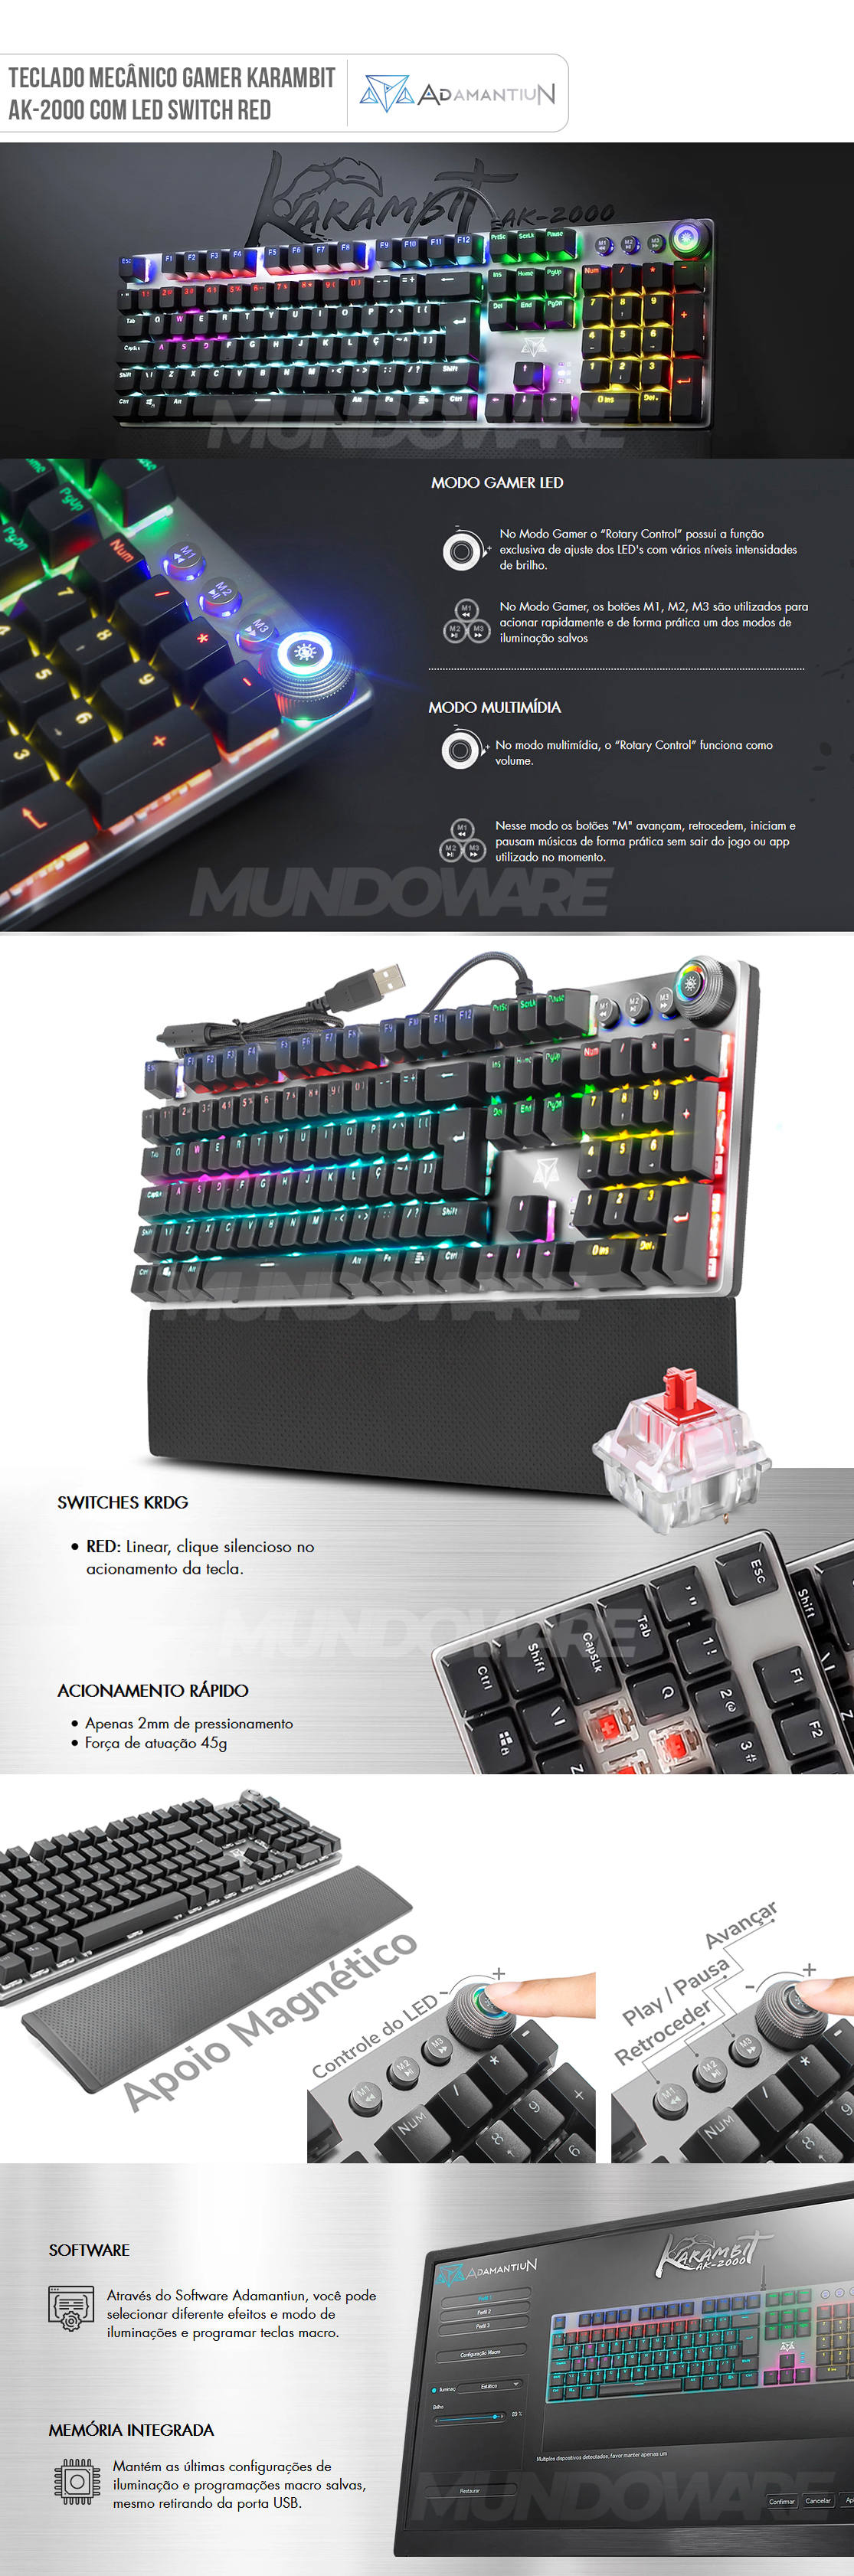 Teclado Mecânico Switch Red 1.5mm Full Anti-Ghosting Botão Modo Gamer 22 Efeitos LED ABNT2 Adamantiun Karambit AK-2000V